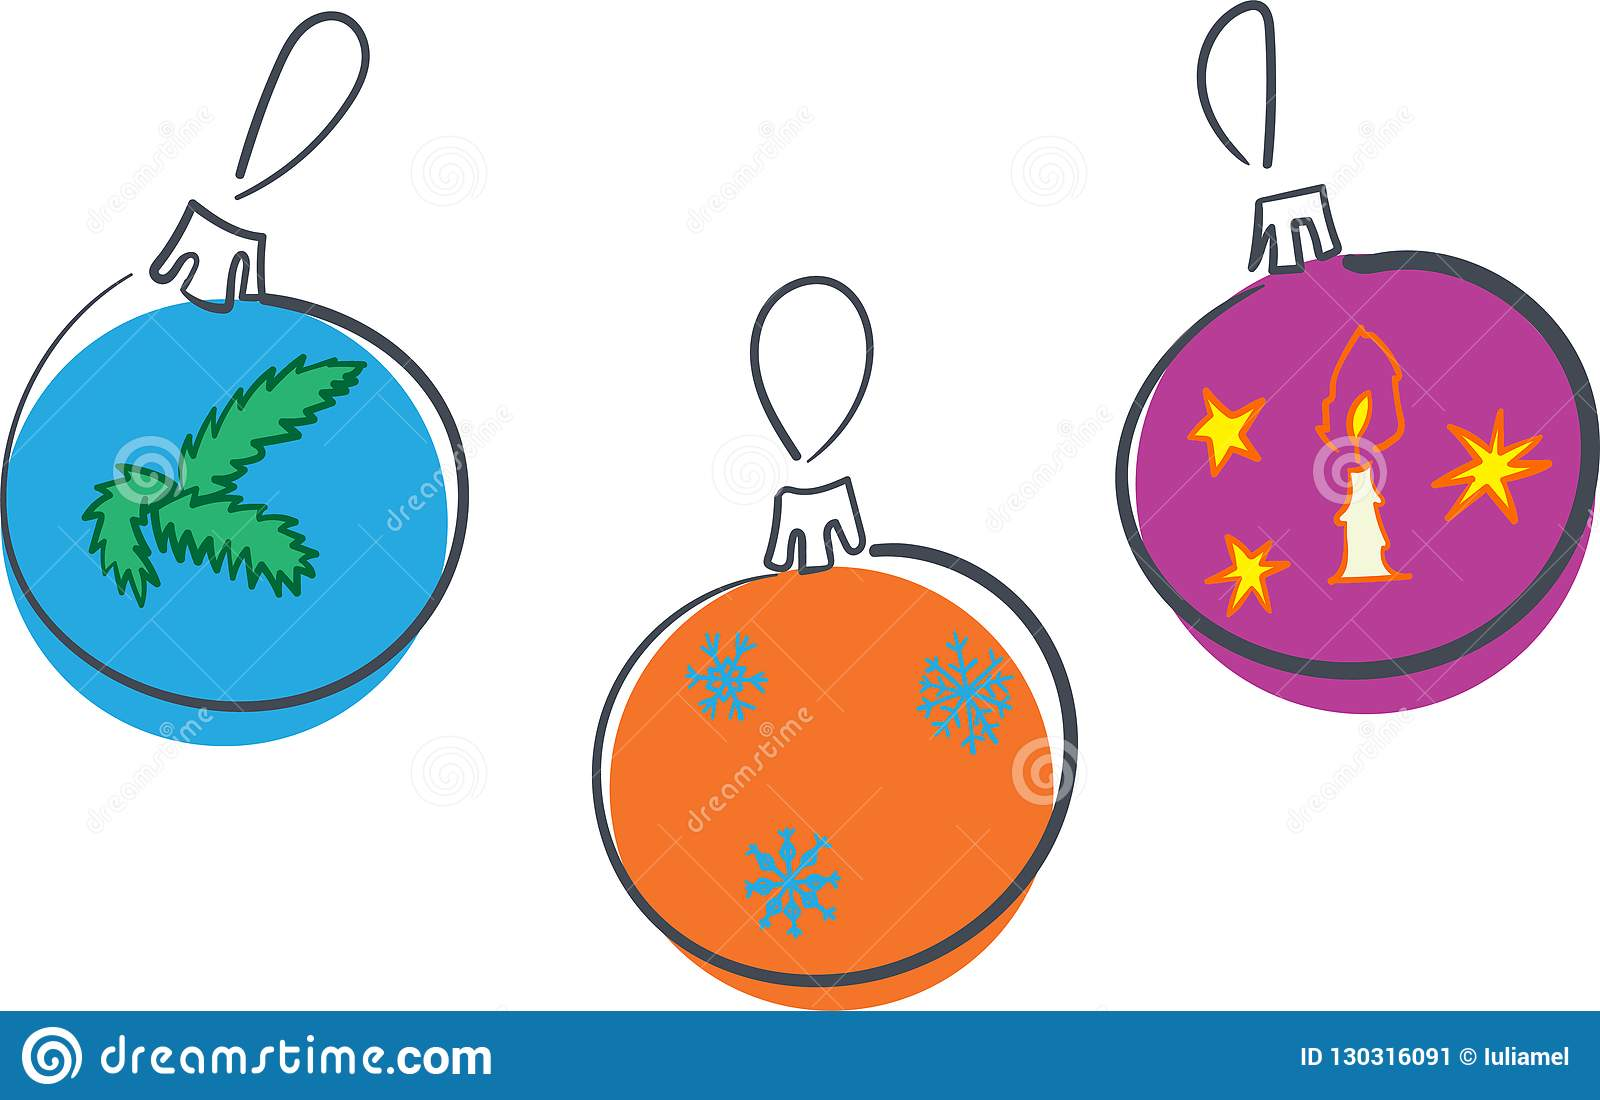 Dekorationsbälle des neuen Jahres drei verschiedene Verzierungen mit Schneeflocken Kerze und Niederlassung, Vektor Illustration